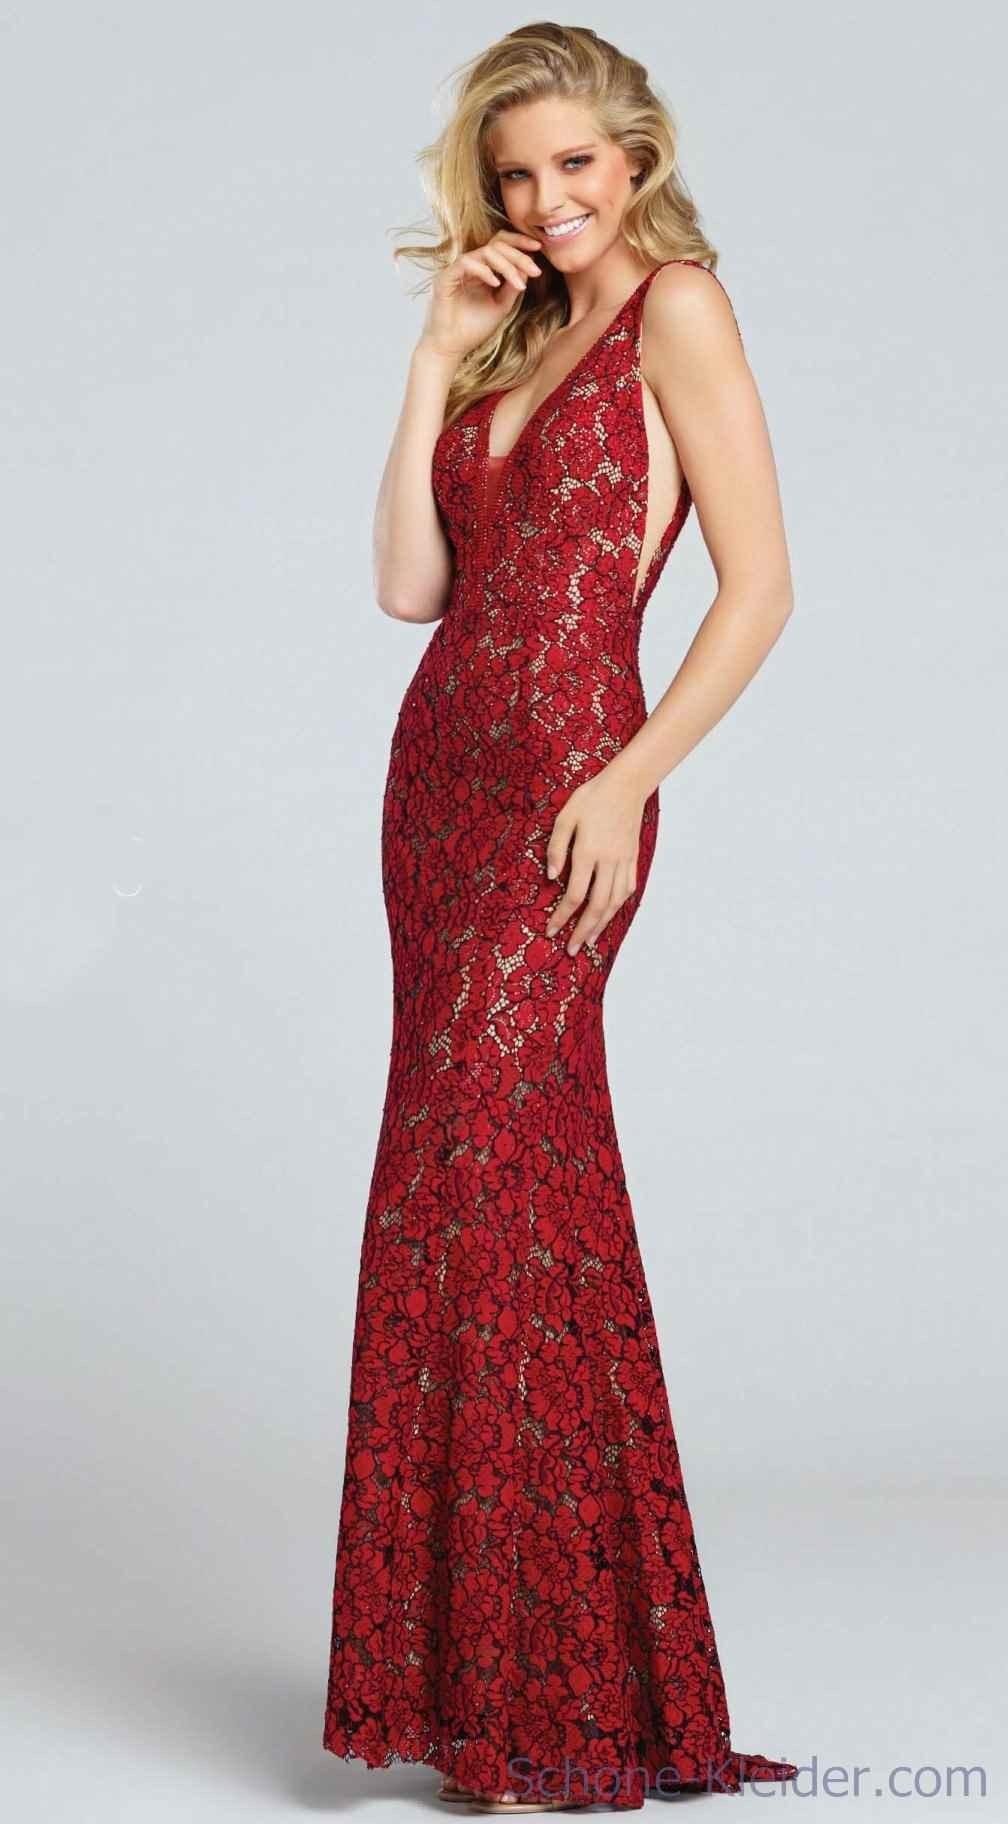 10 Luxus Abendkleider Lang Mit Steinen Stylish Ausgezeichnet Abendkleider Lang Mit Steinen Vertrieb